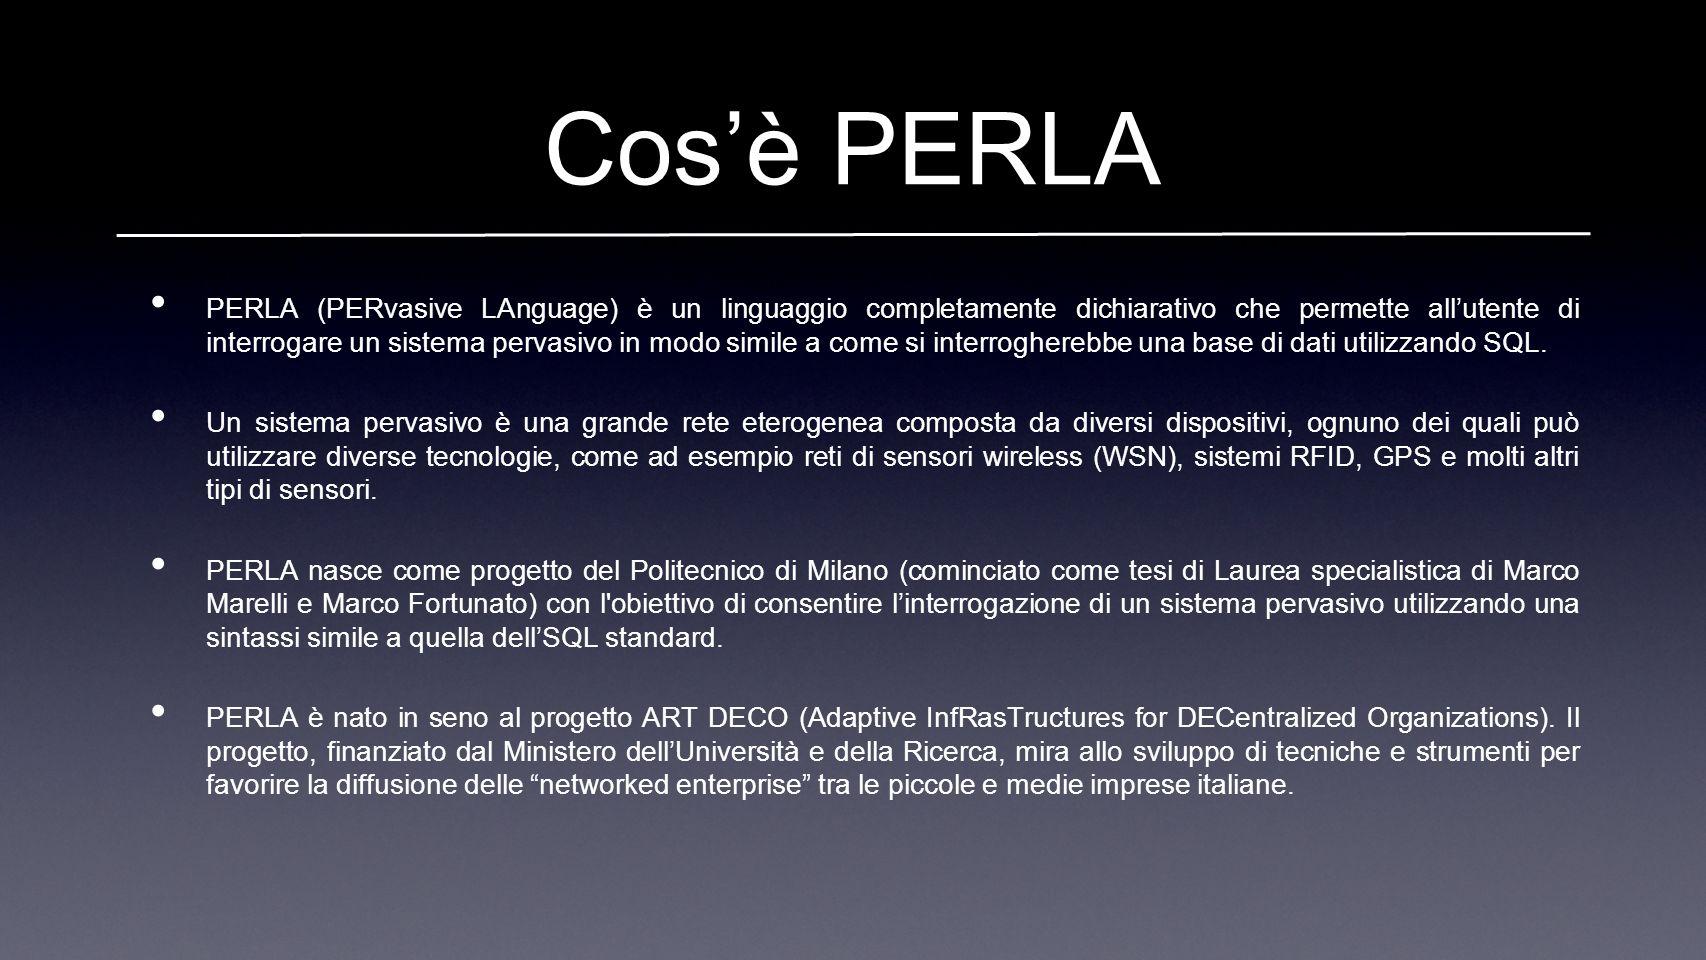 Cosè PERLA PERLA (PERvasive LAnguage) è un linguaggio completamente dichiarativo che permette allutente di interrogare un sistema pervasivo in modo simile a come si interrogherebbe una base di dati utilizzando SQL.